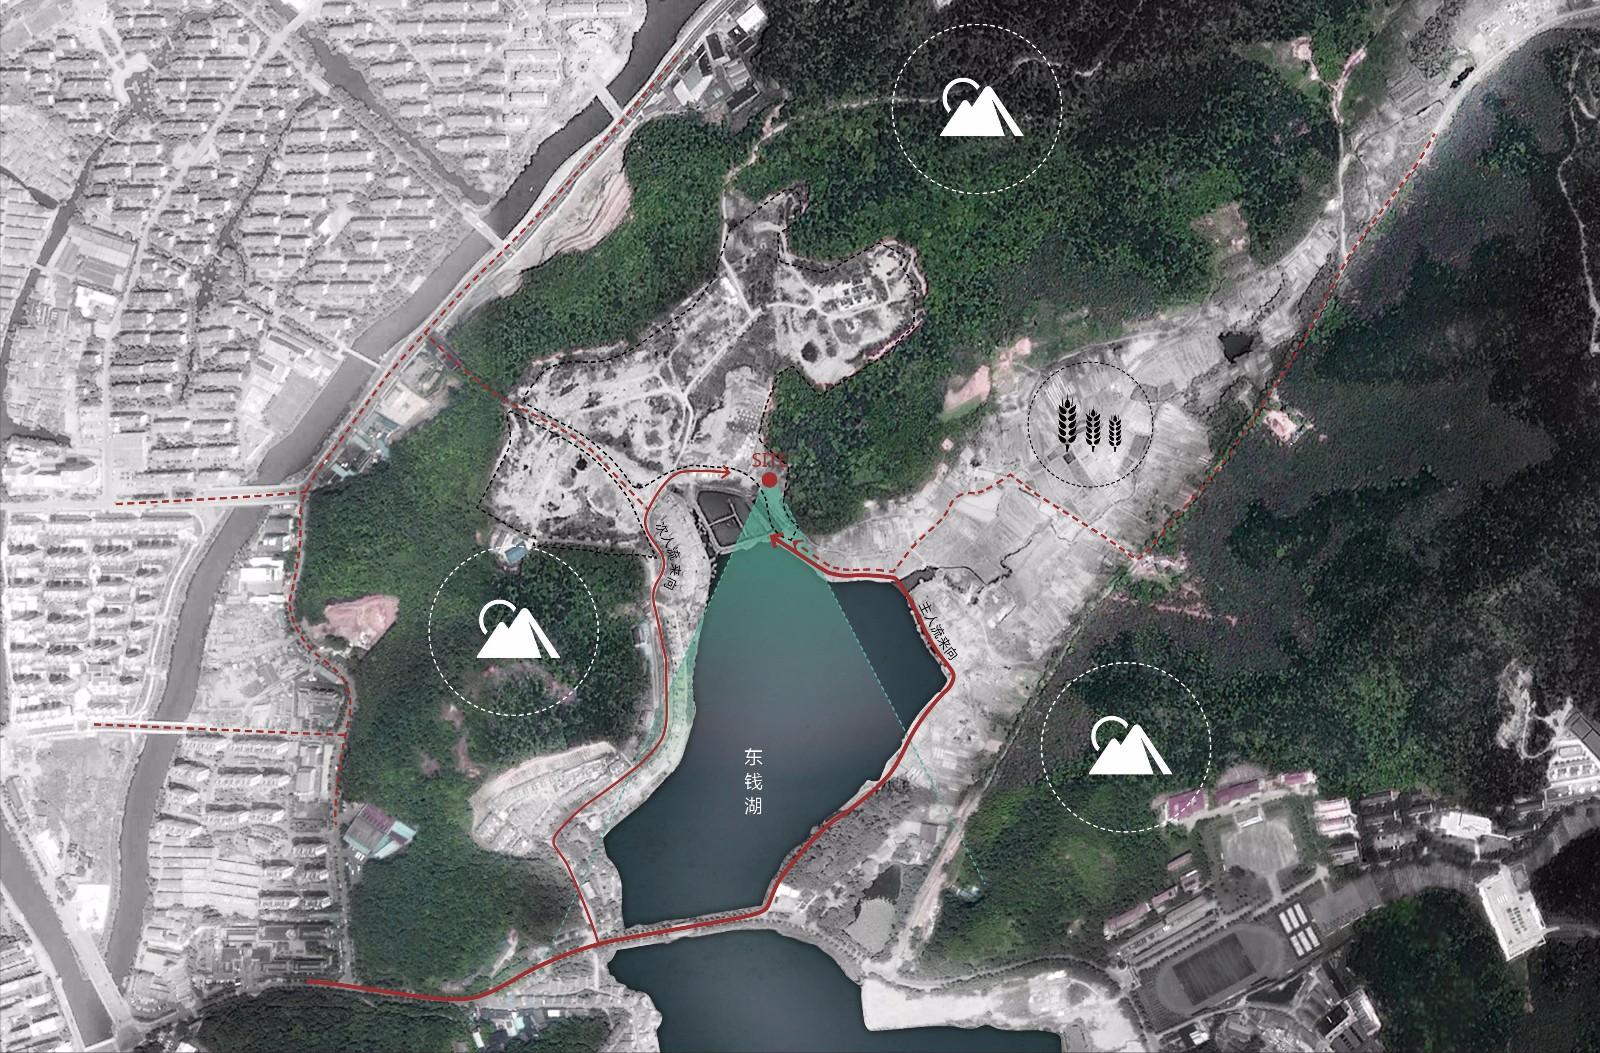 浙江省宁波市万科白石湖东社区中心/水石设计